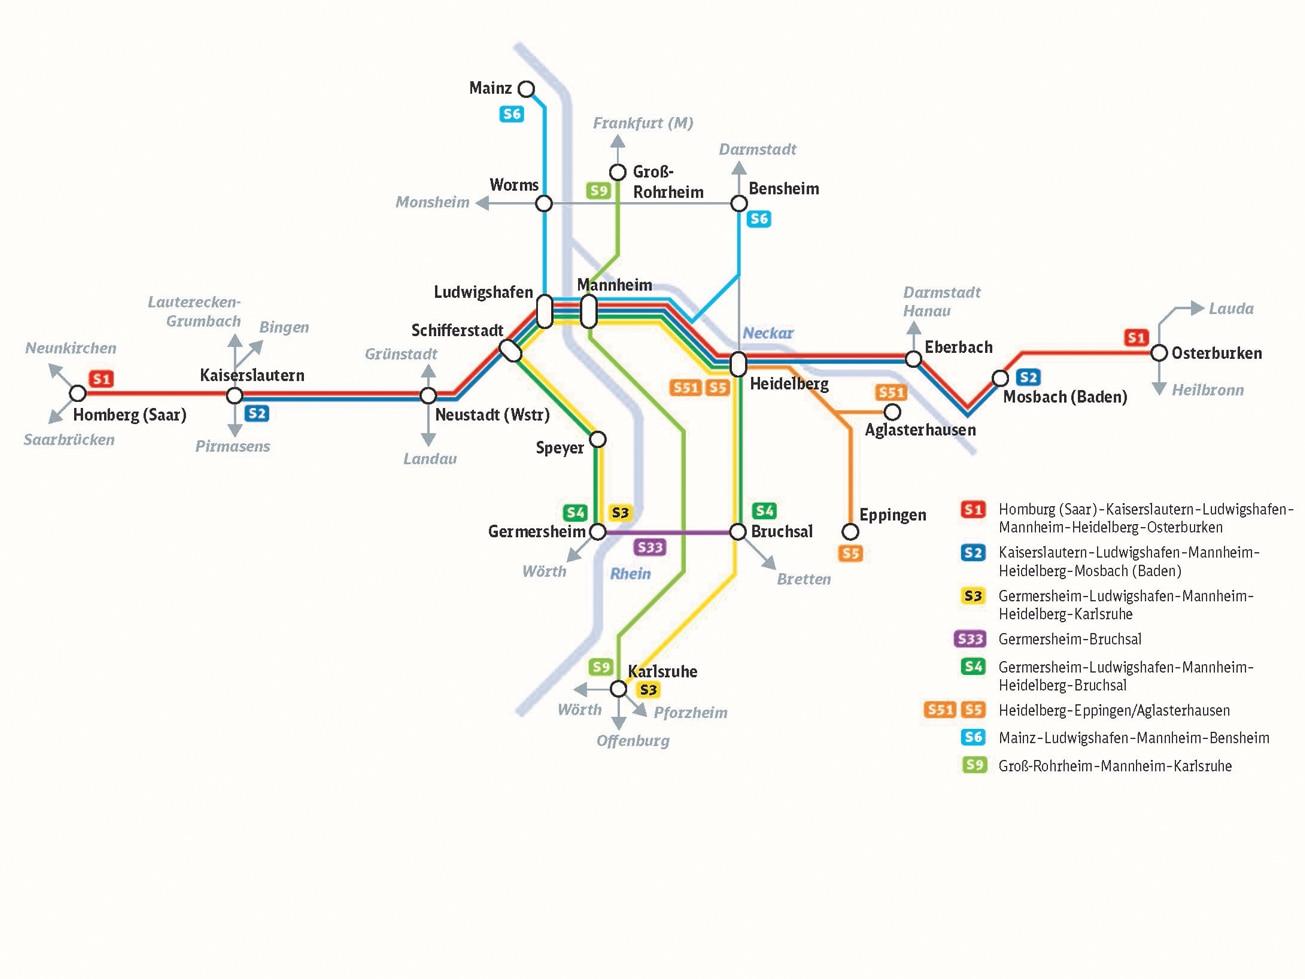 Los 2 mit S5/51, S6 und S9 im Gesamtnetz S-Bahn Rhein-Neckar